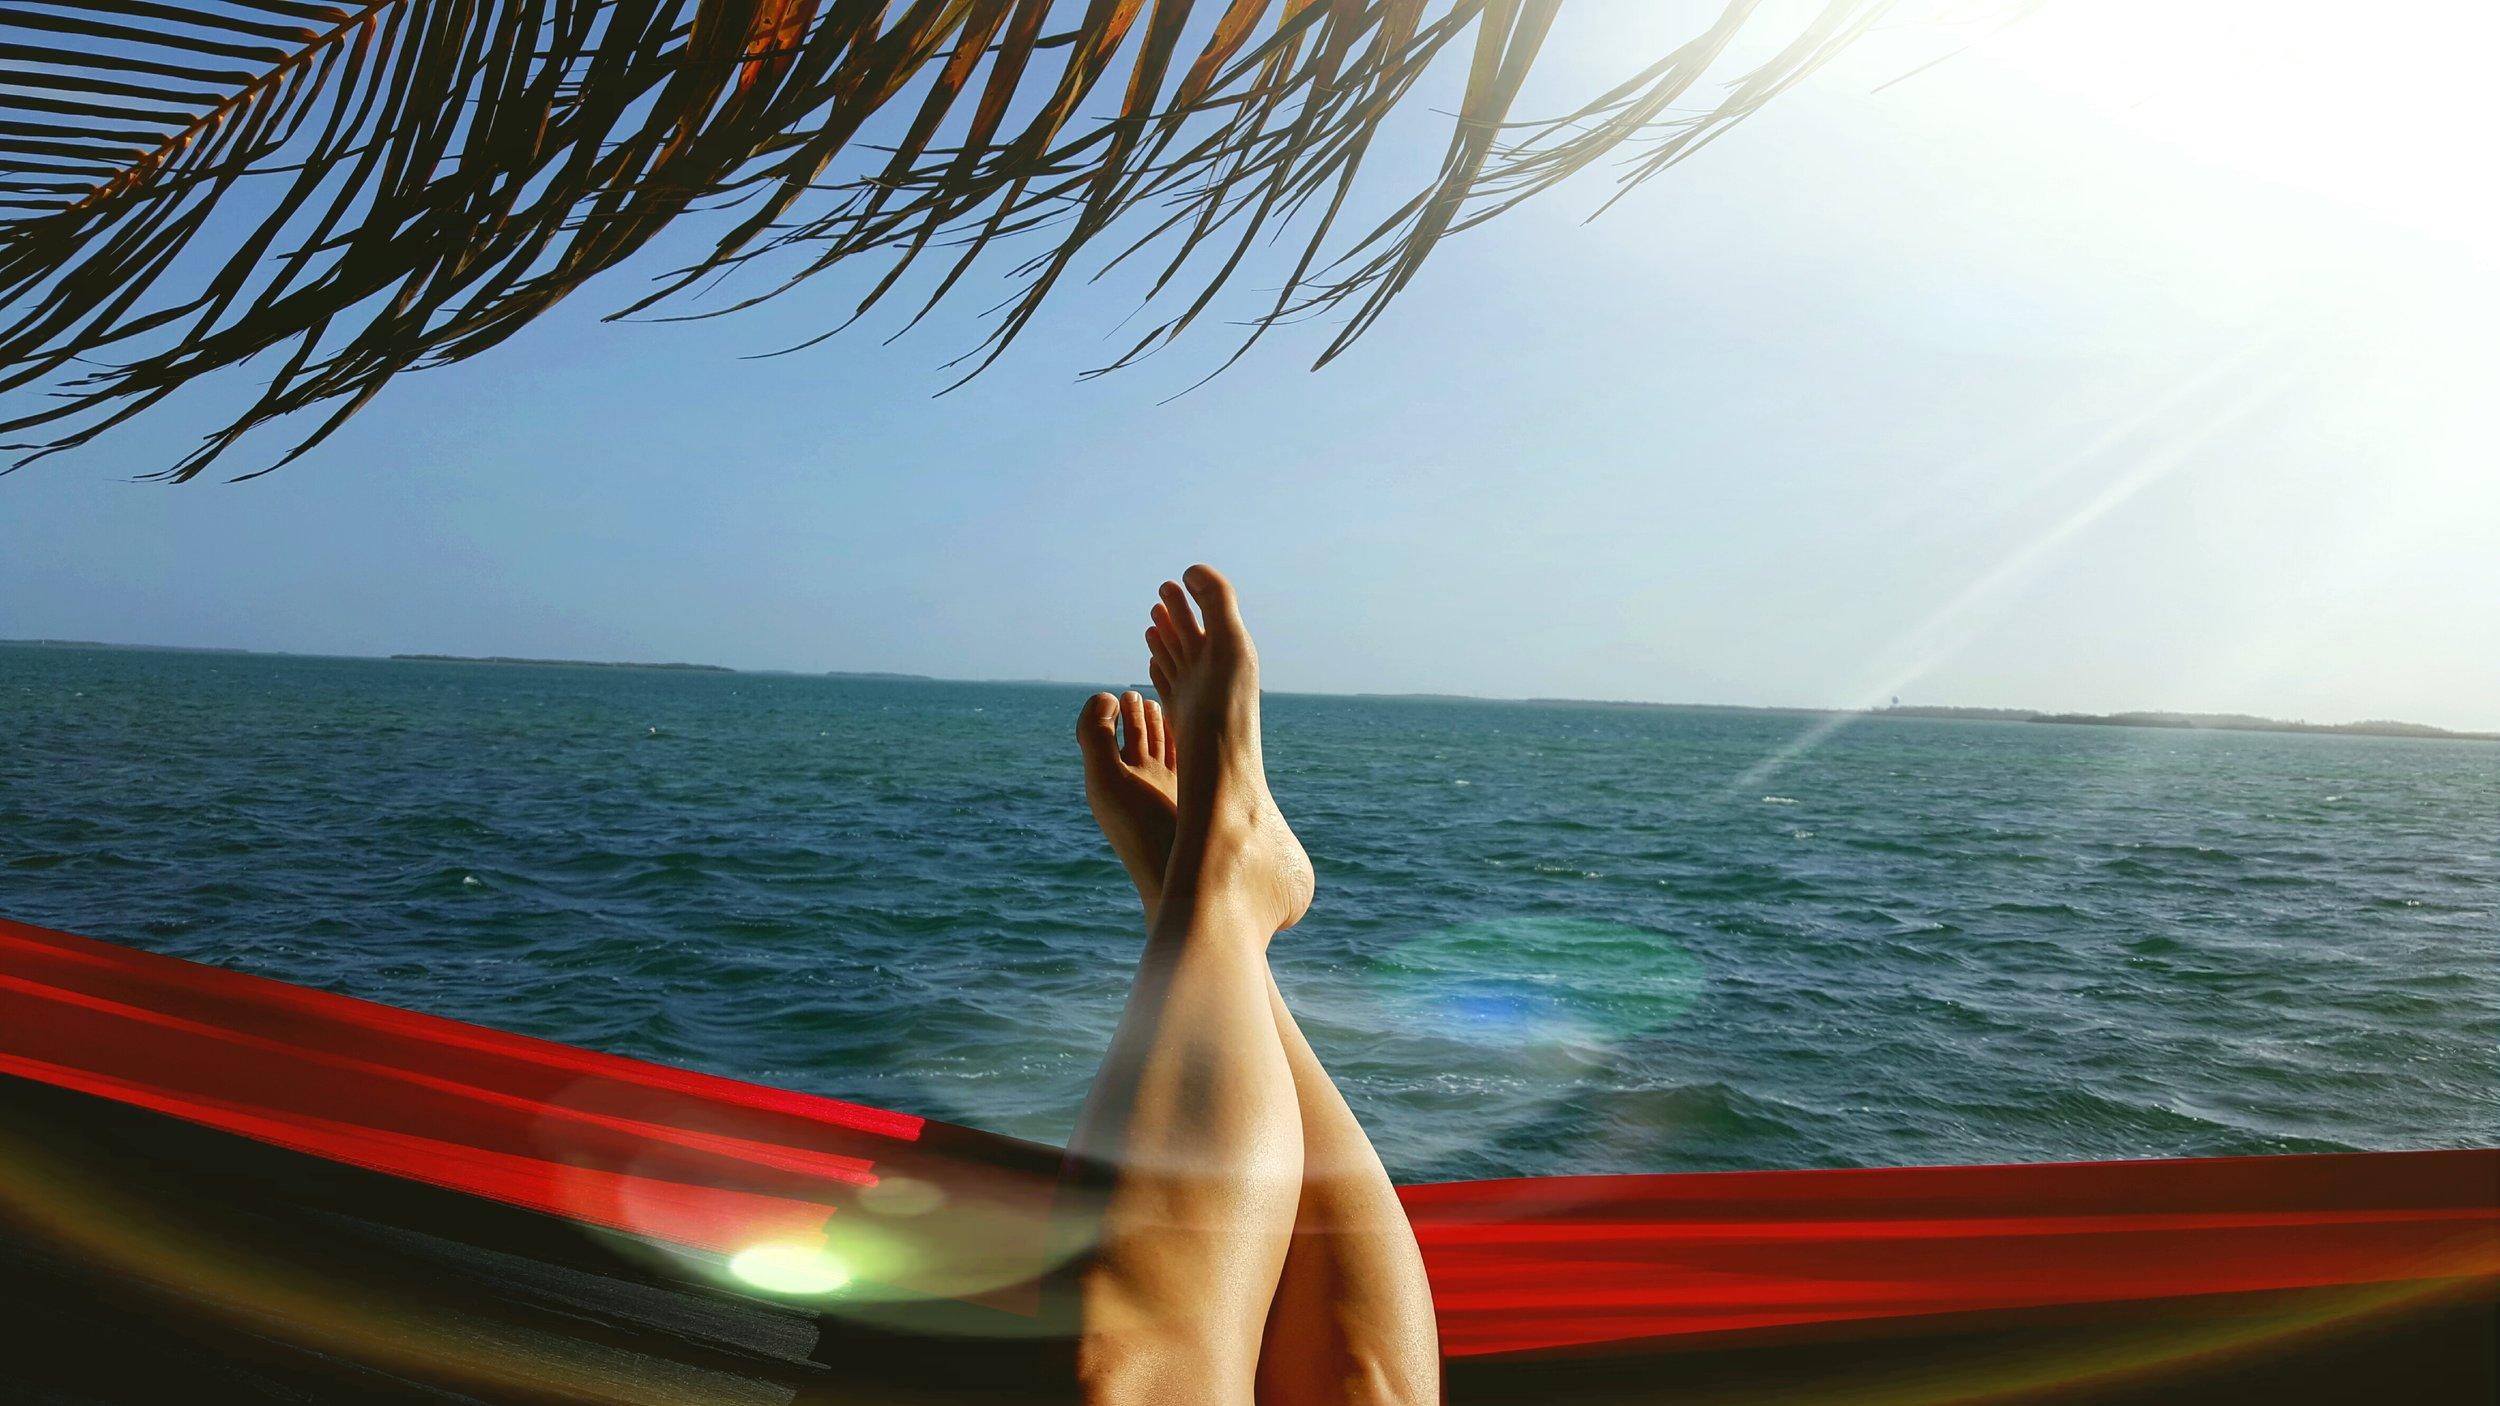 Key West Hammock Skyline Photo